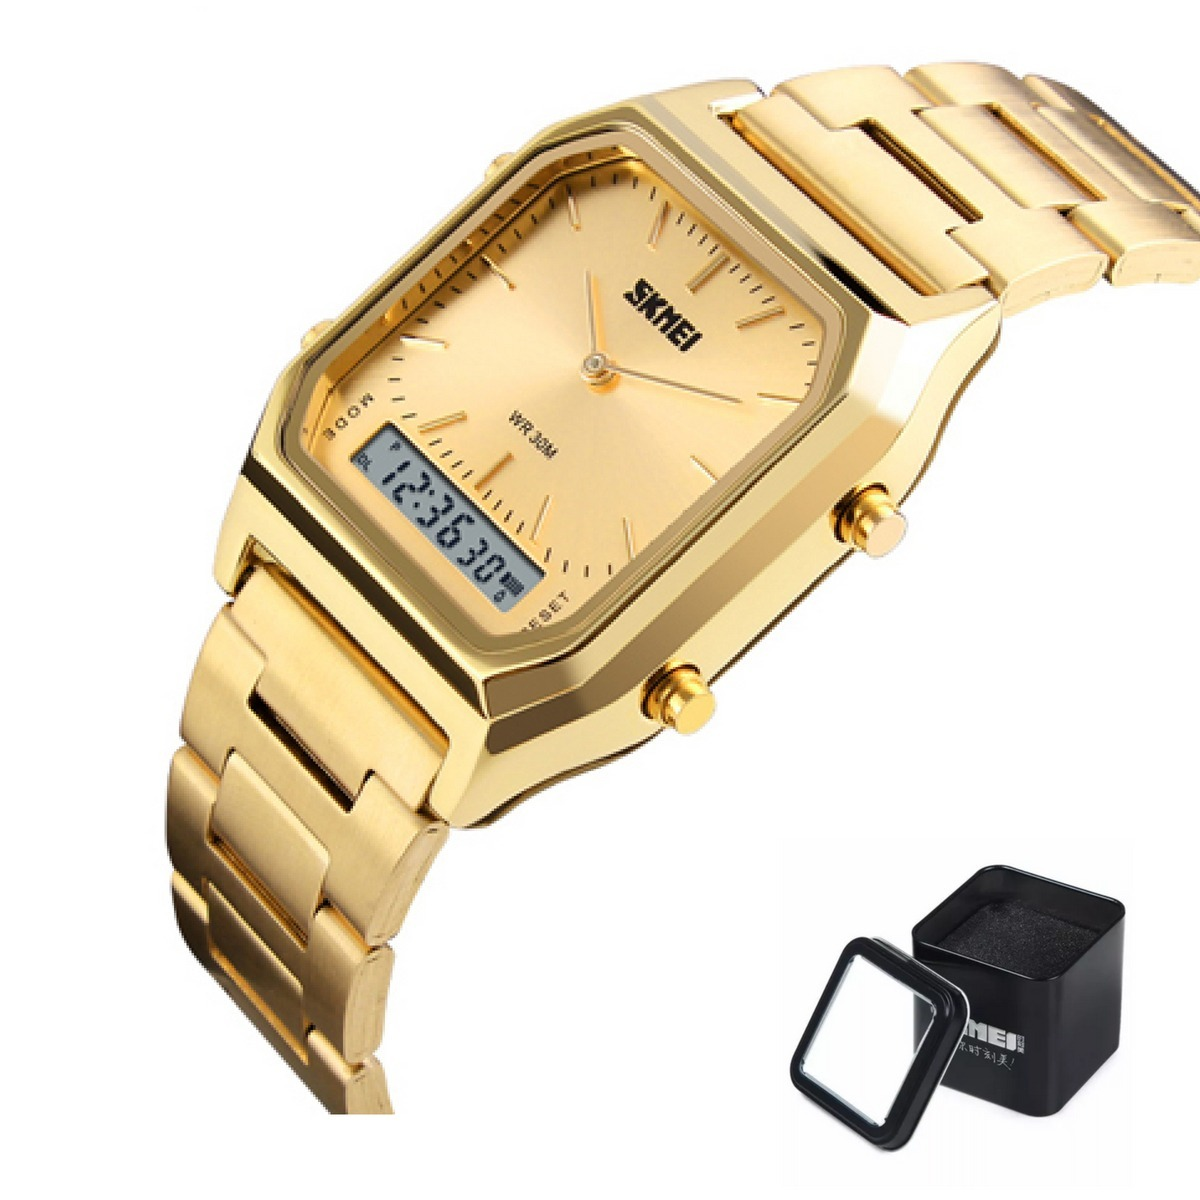 56308a182b8 Relógio Feminino Quadrado Luxo Original Skmei Estilo Casio - R  199 ...